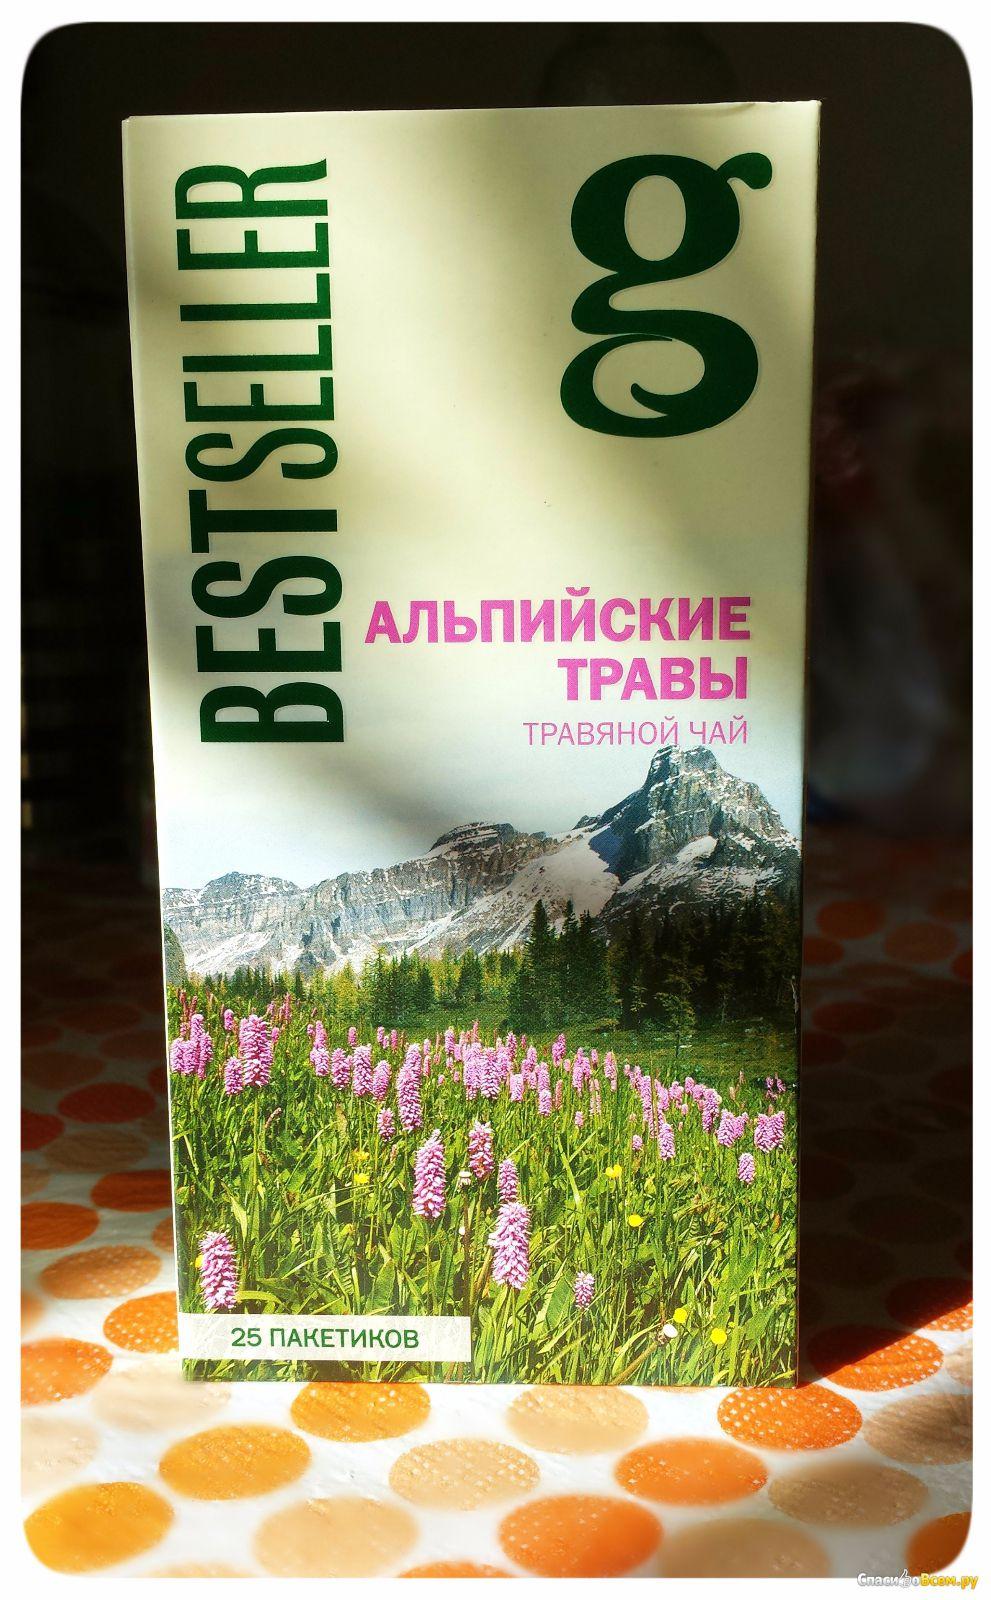 Чай альпийские травы bestseller